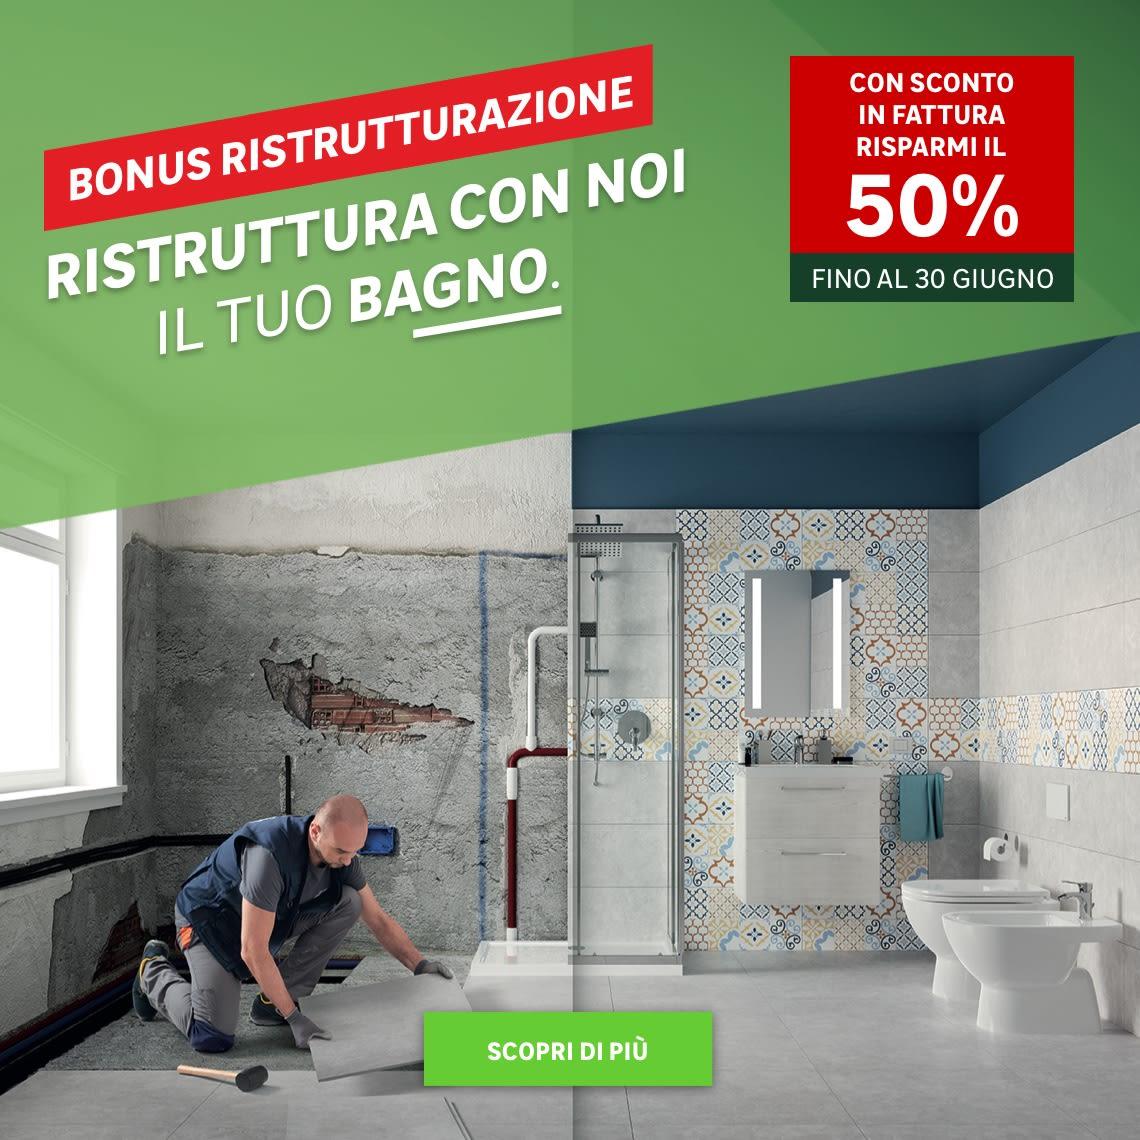 Bagno facile - Bonus ristrutturazione